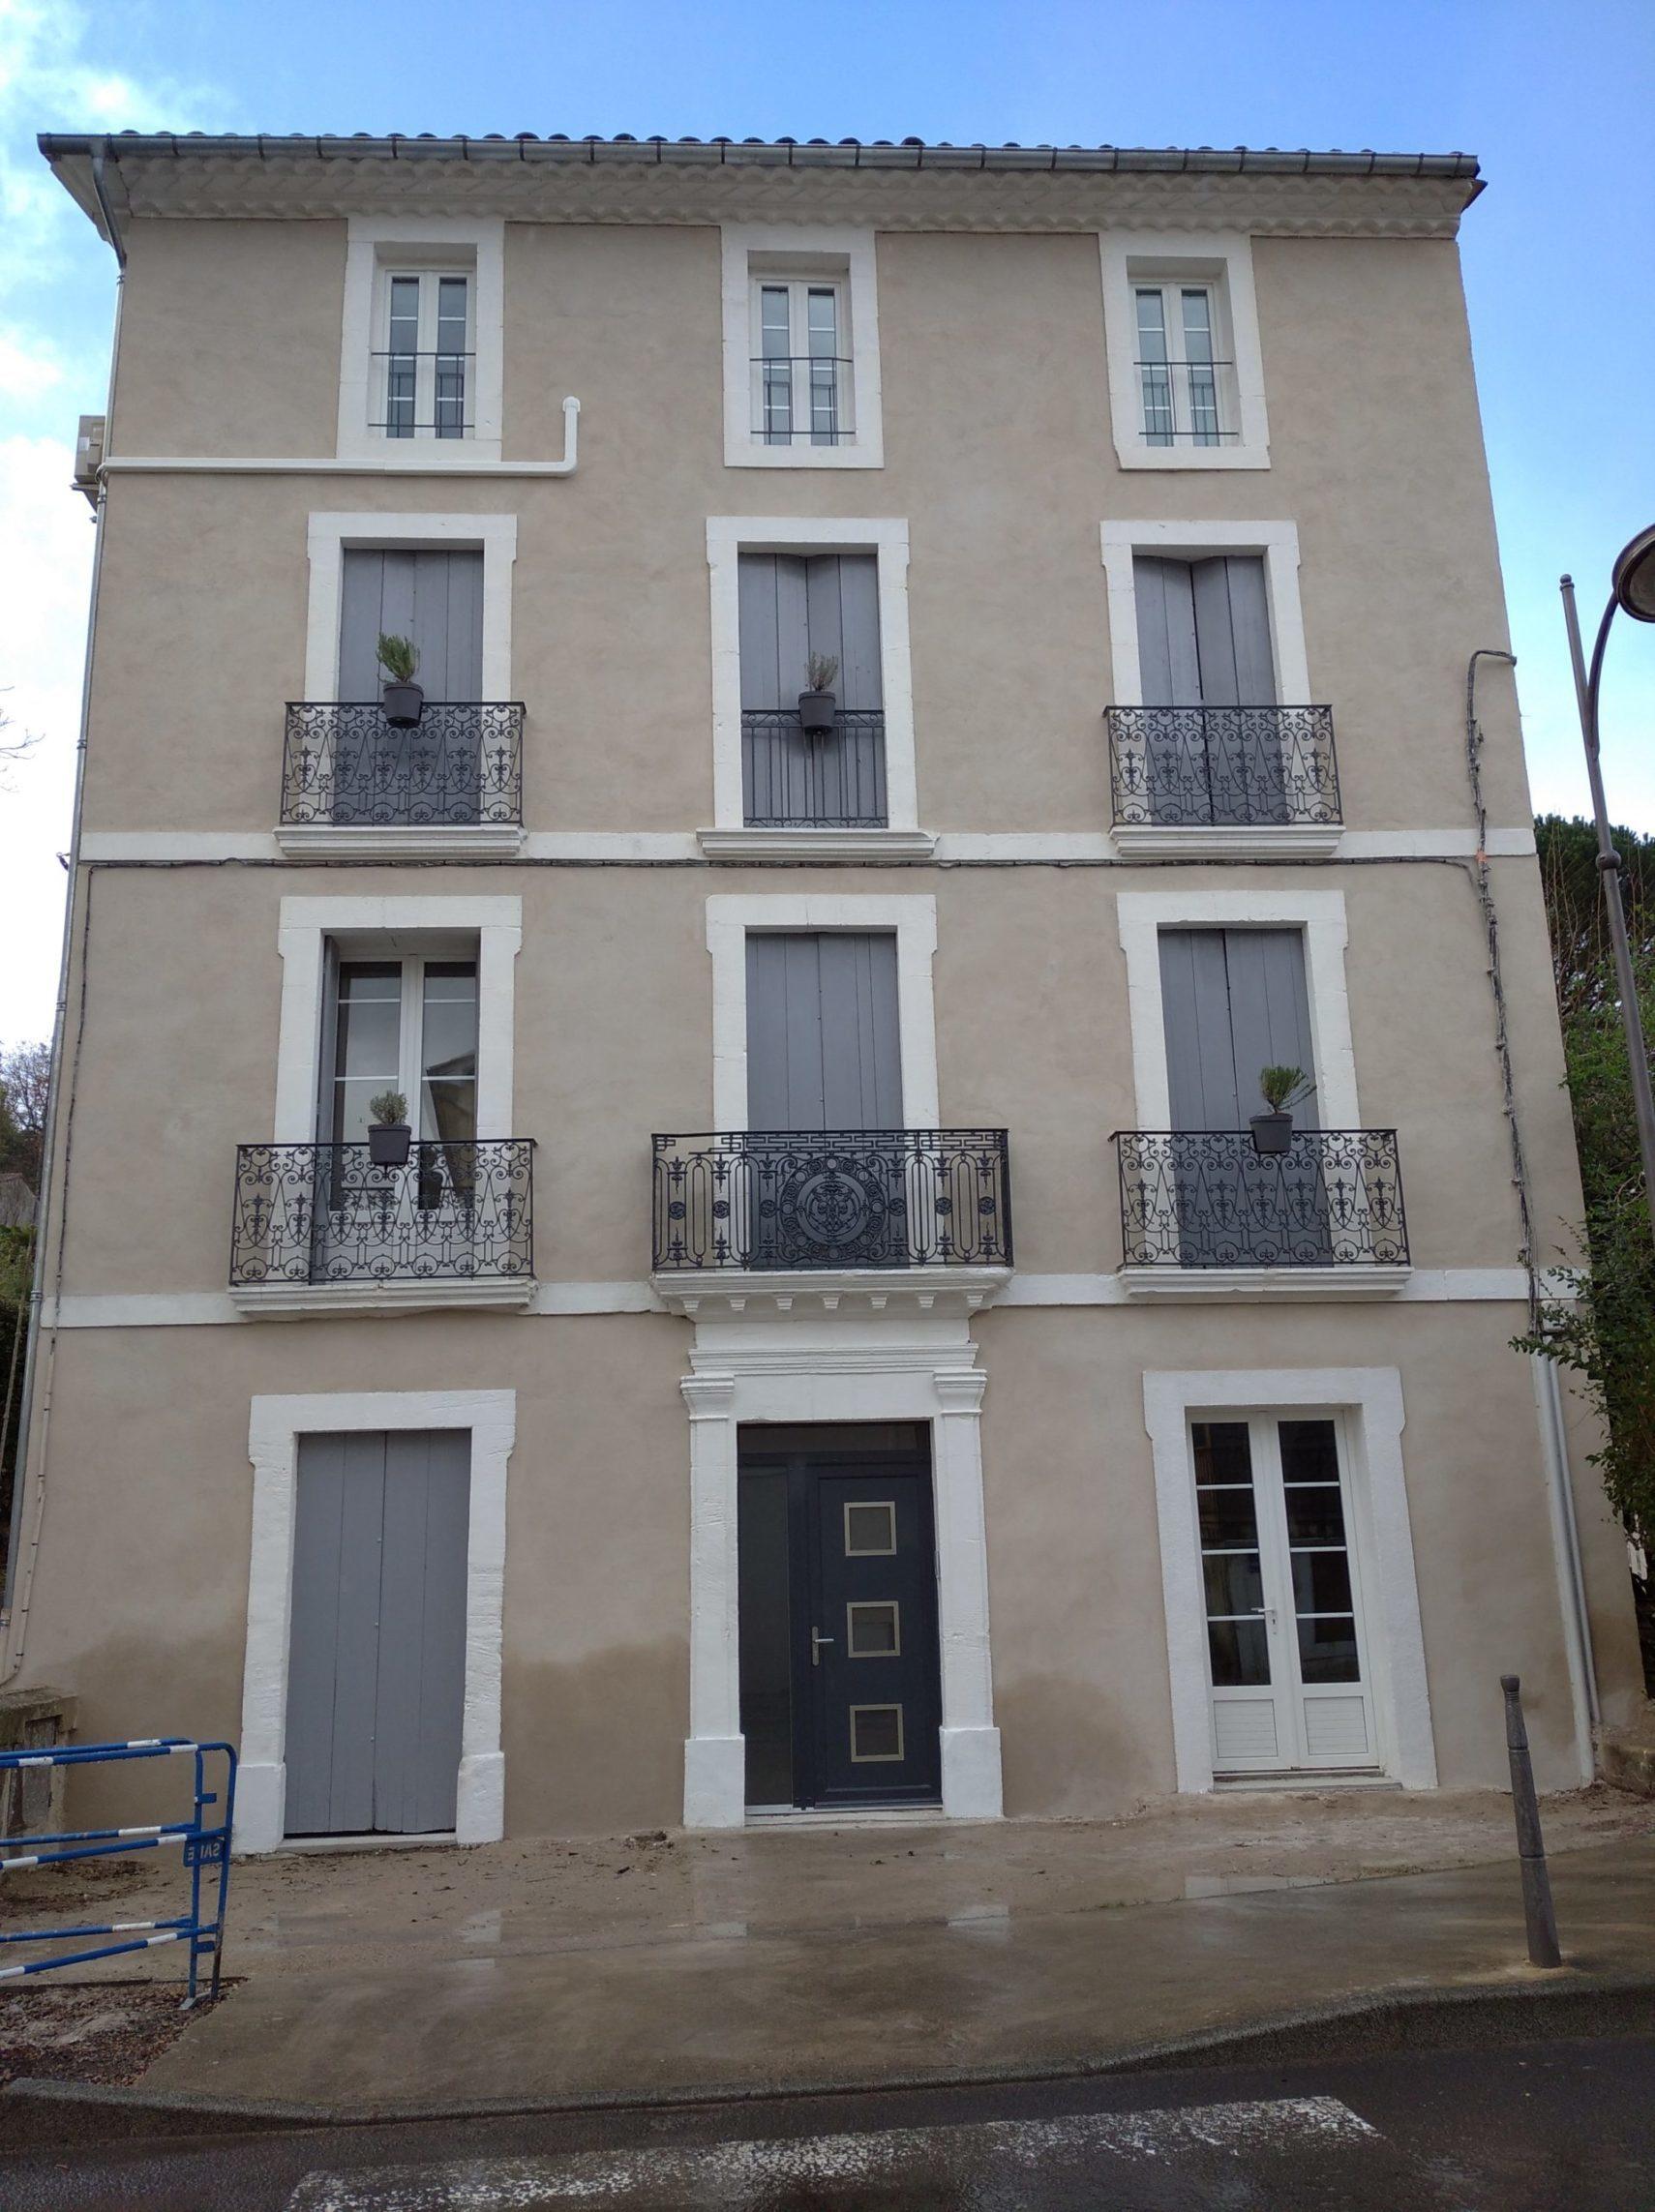 vue de l'extérieur de l'immeuble ou sont les appartements à louer à Lamalou les Bains